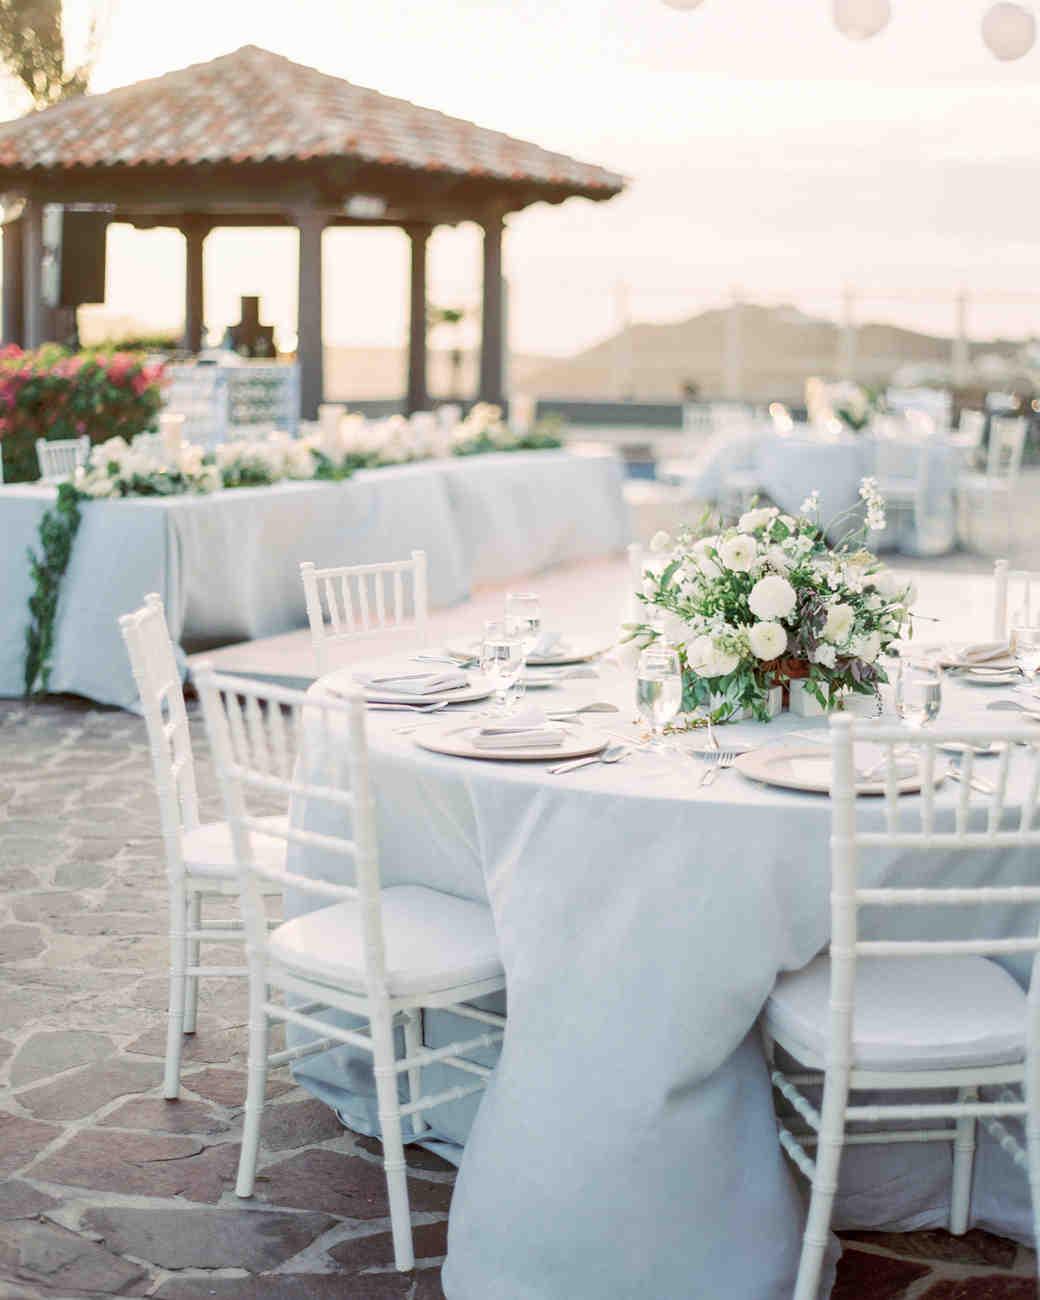 megan-jeremy-wedding-table-86-s112680-0216.jpg